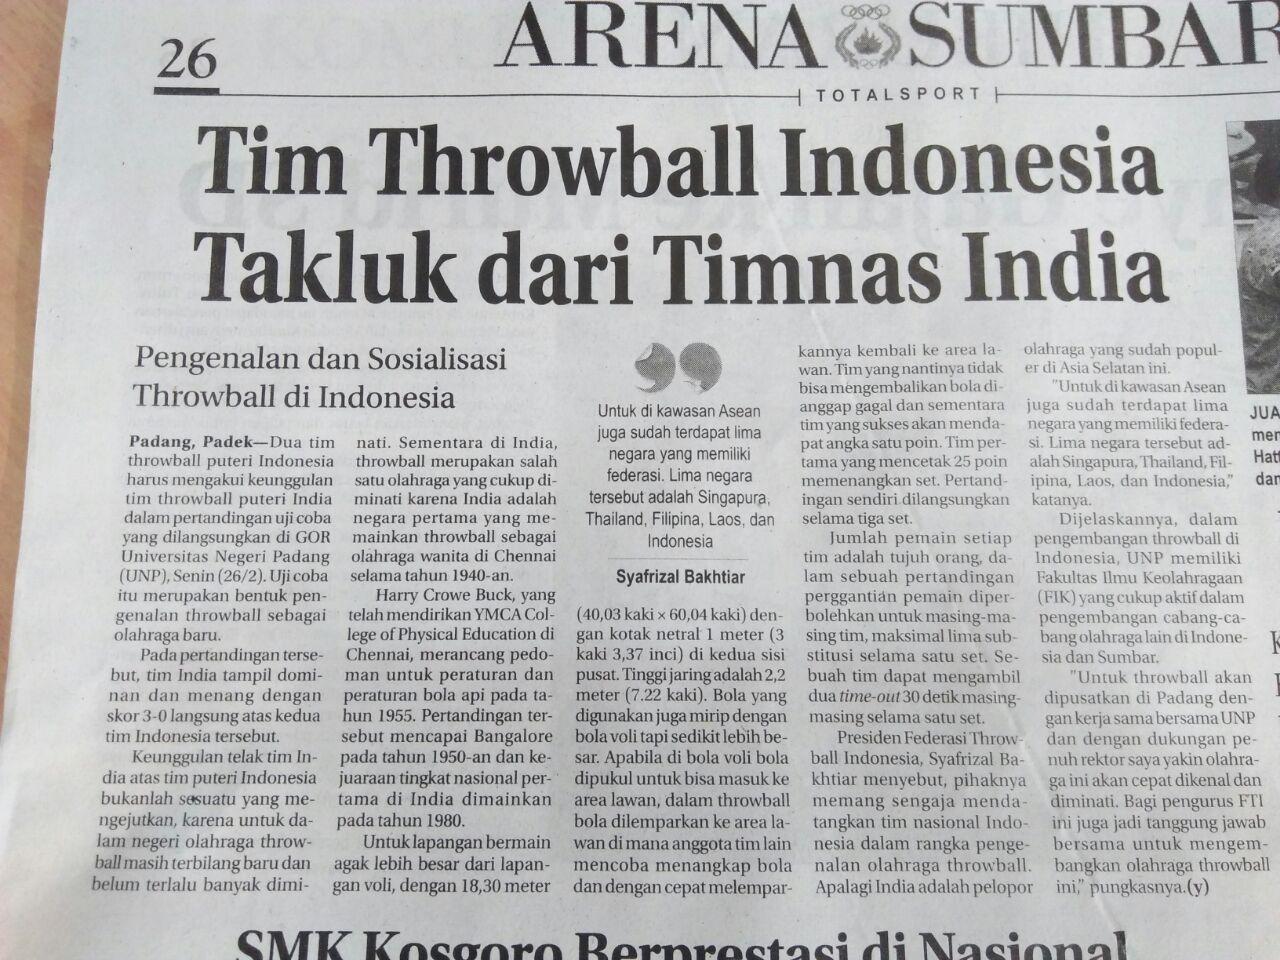 International Throw Ball Federation